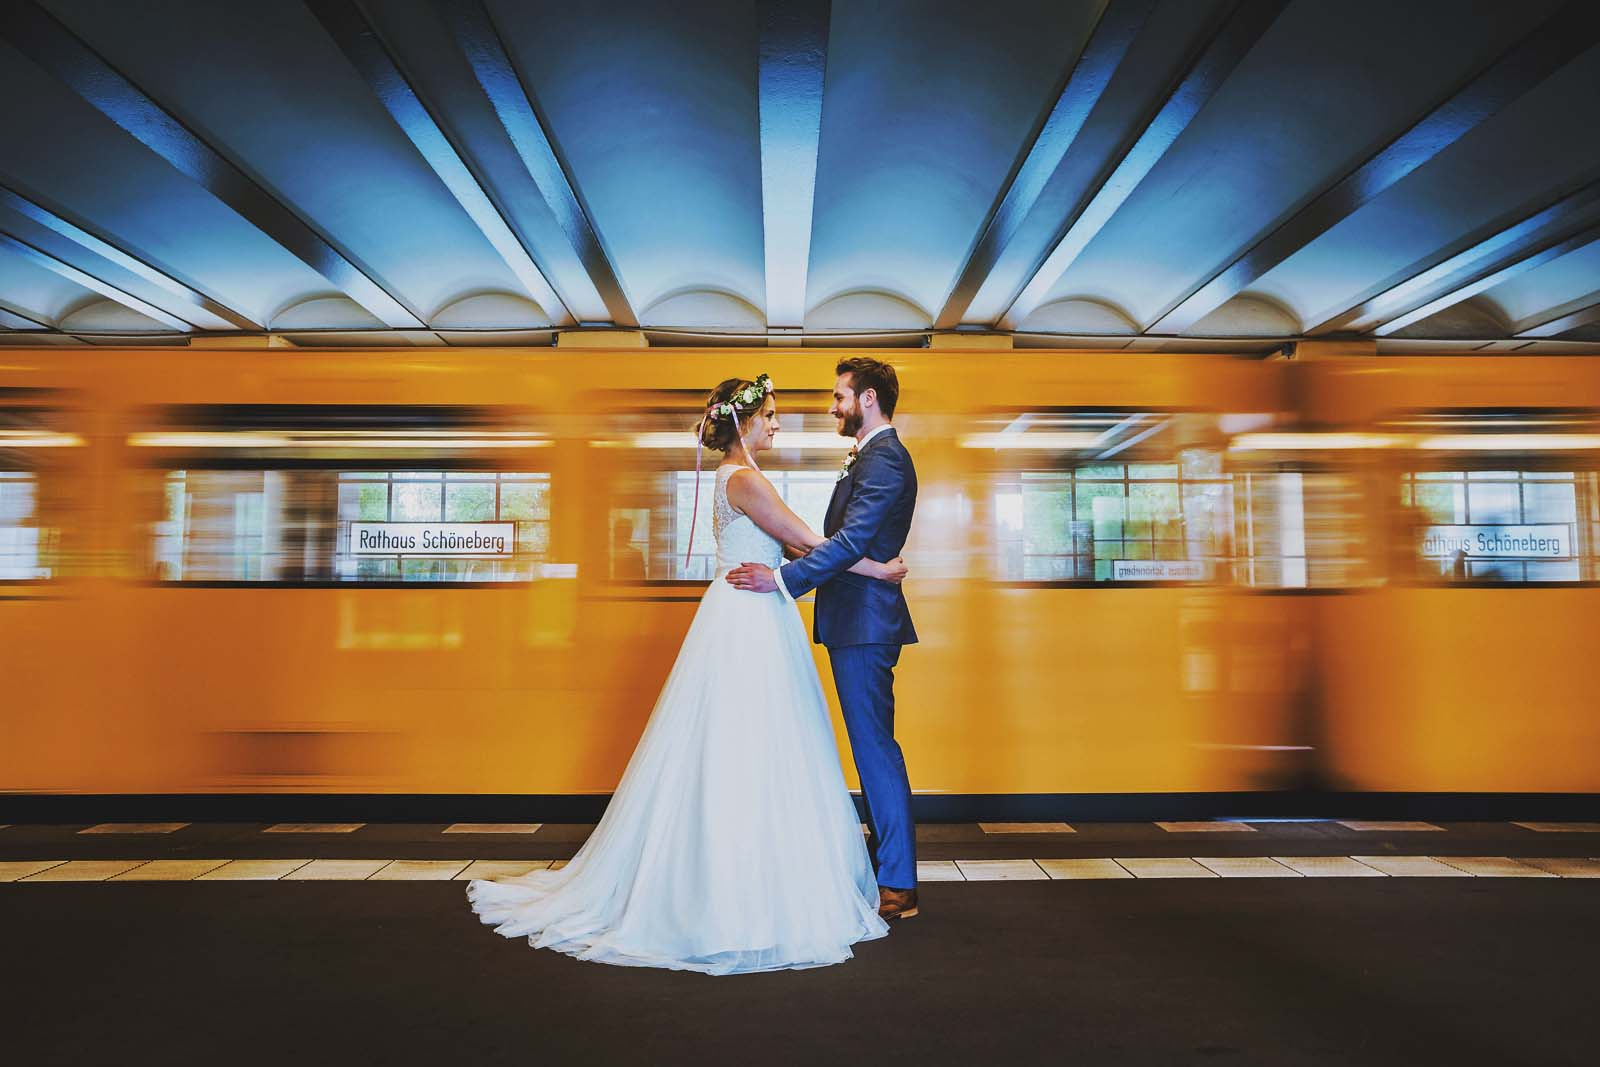 Fotoshooting in der U Bahn Rathaus Schoeneberg Hochzeitsfotograf Berlin Copyright by Hochzeitsfotograf www.berliner-hochzeitsfotografie.de